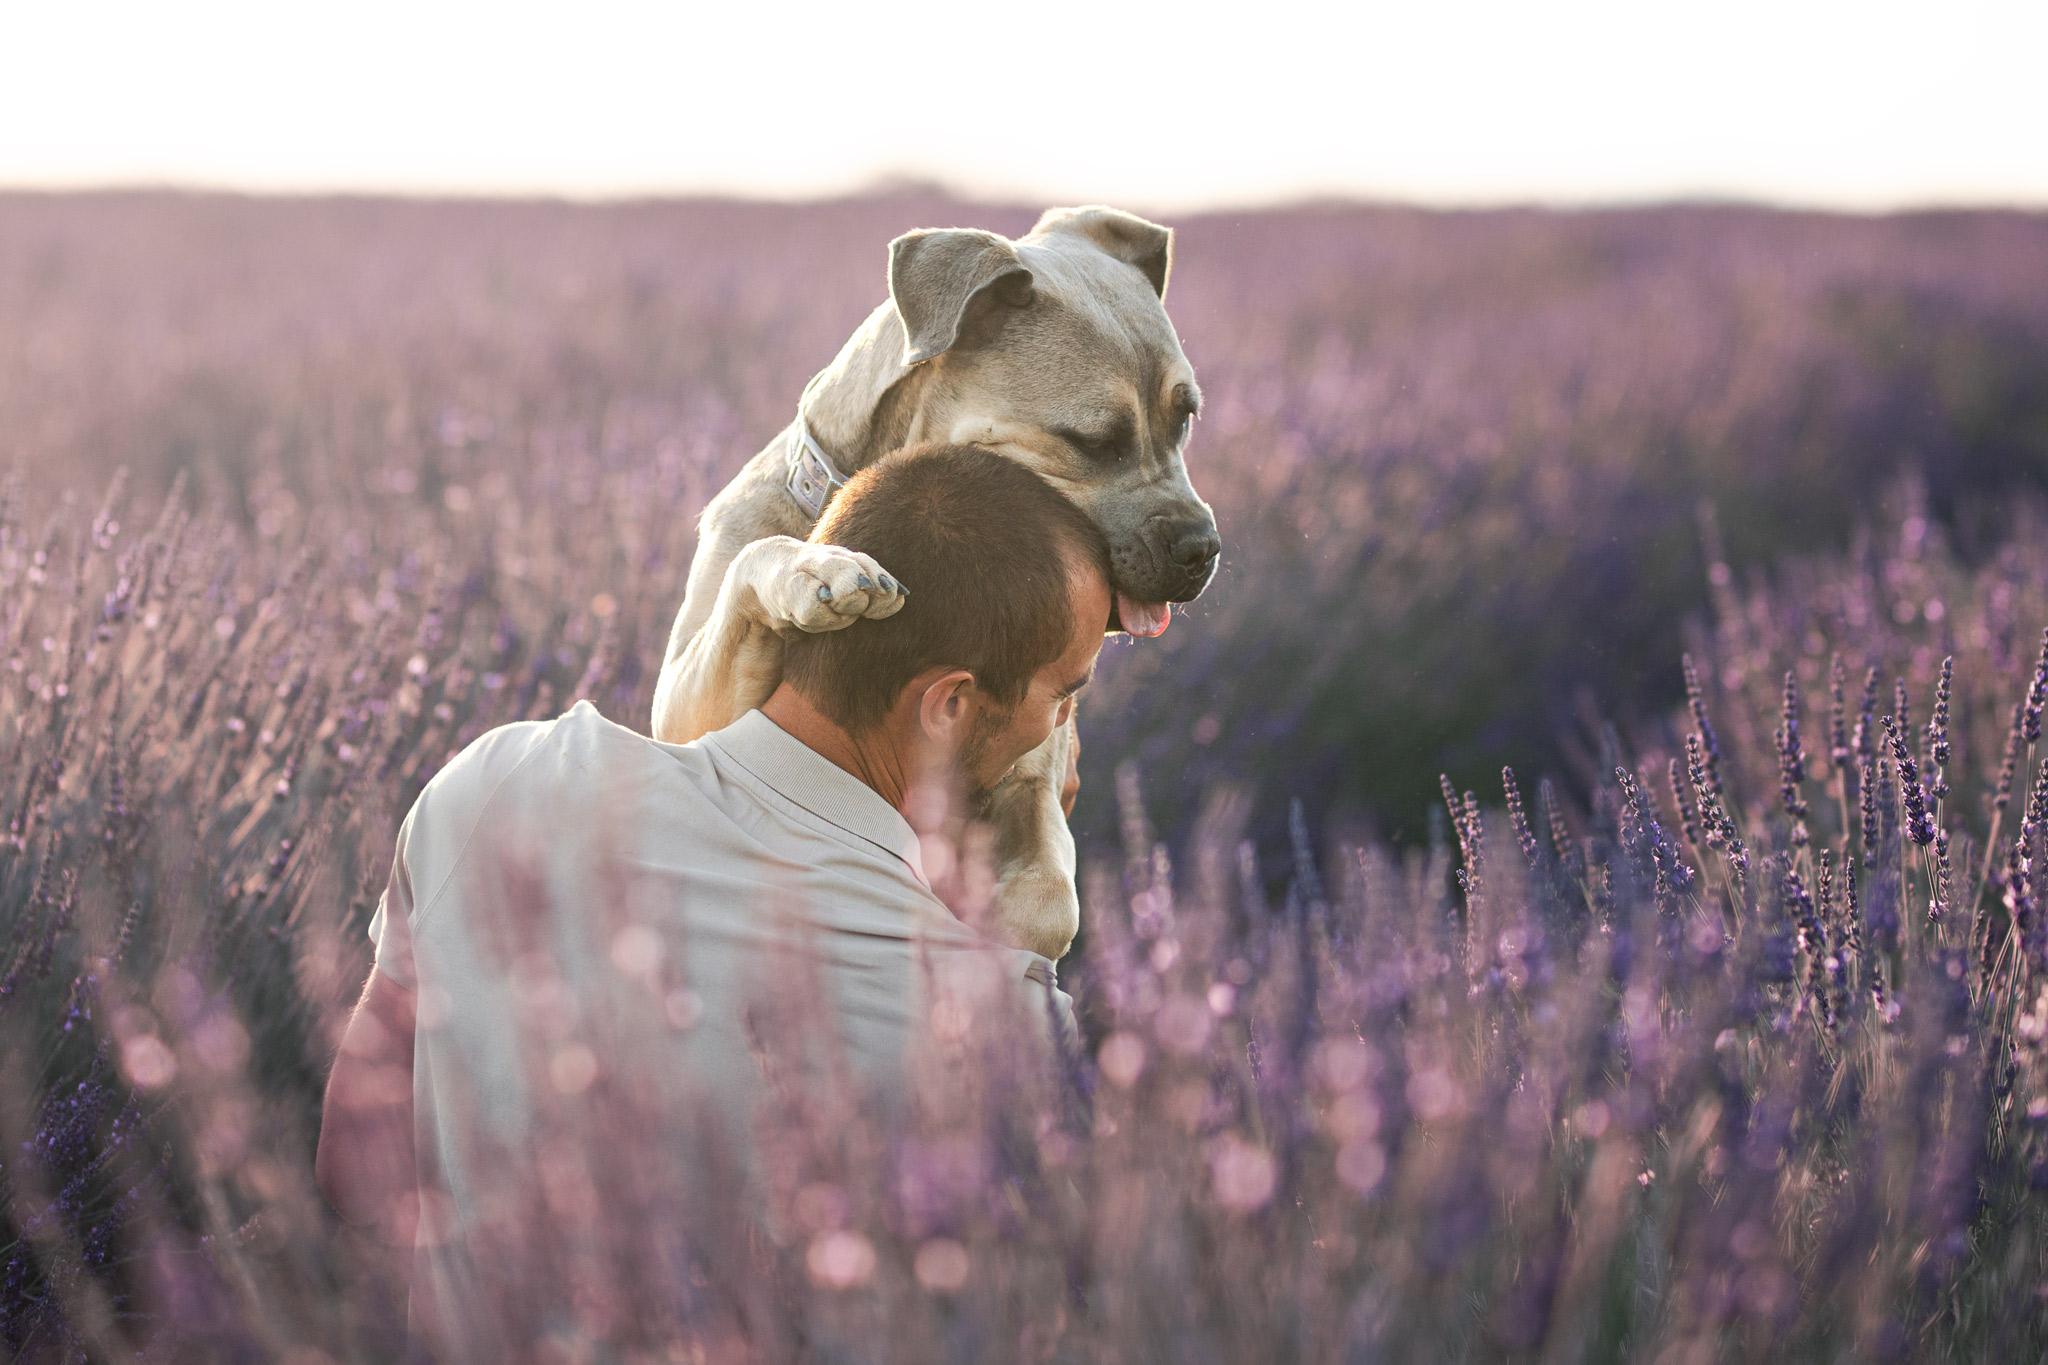 séance photo avec un chien à Valensole